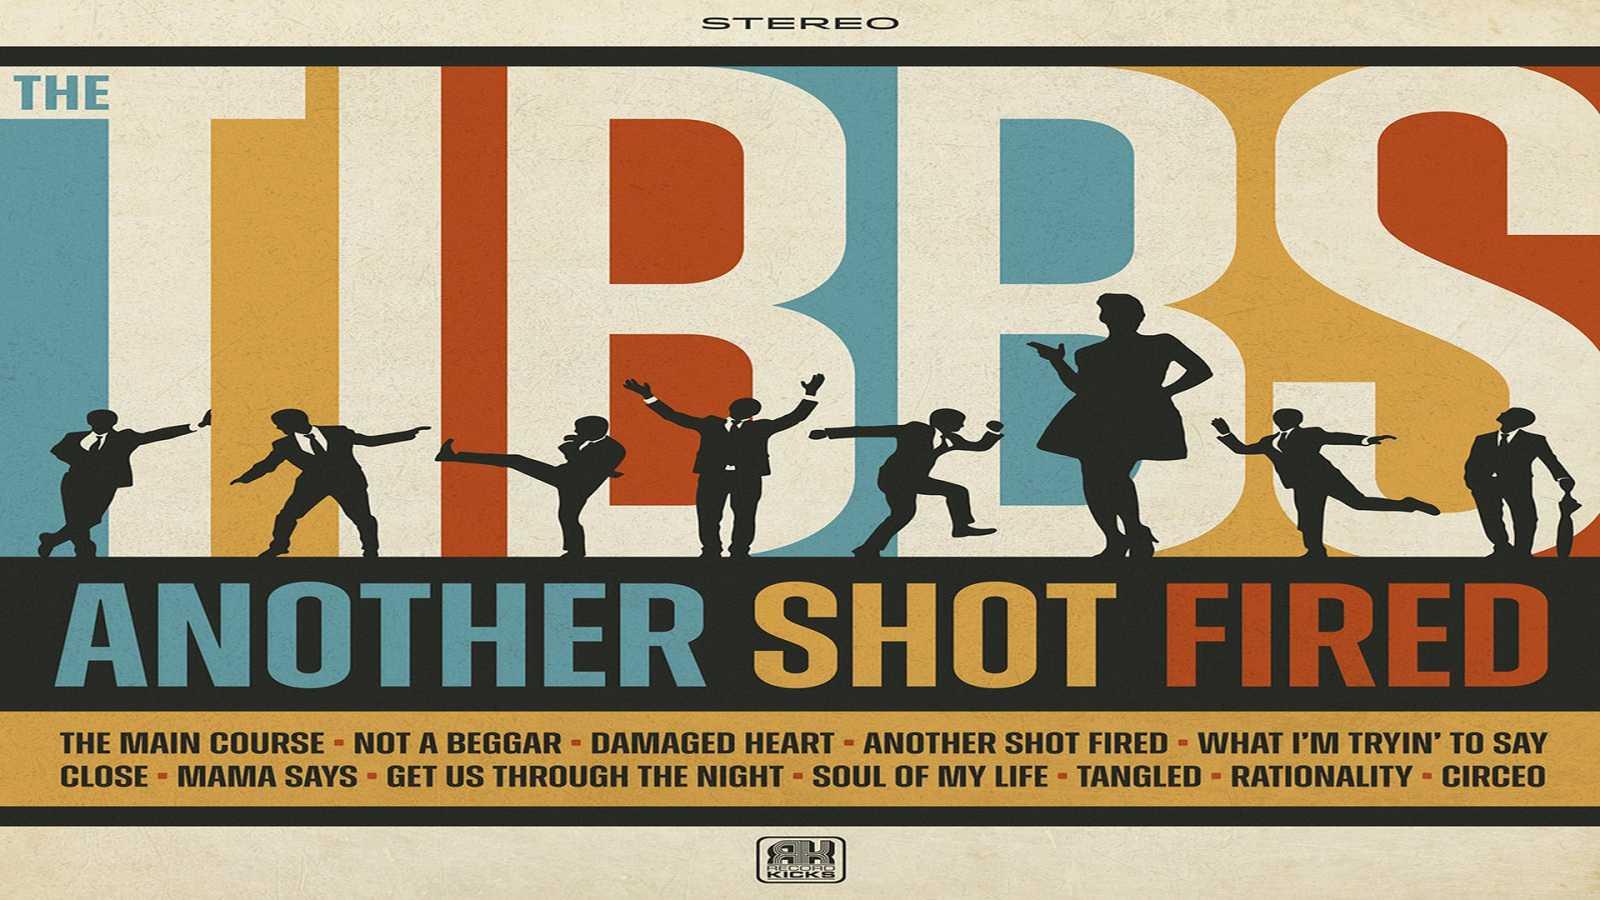 El Patillas Dj - The Tibbs, Airbag, Karavana - 28/11/20 - escuchar ahora